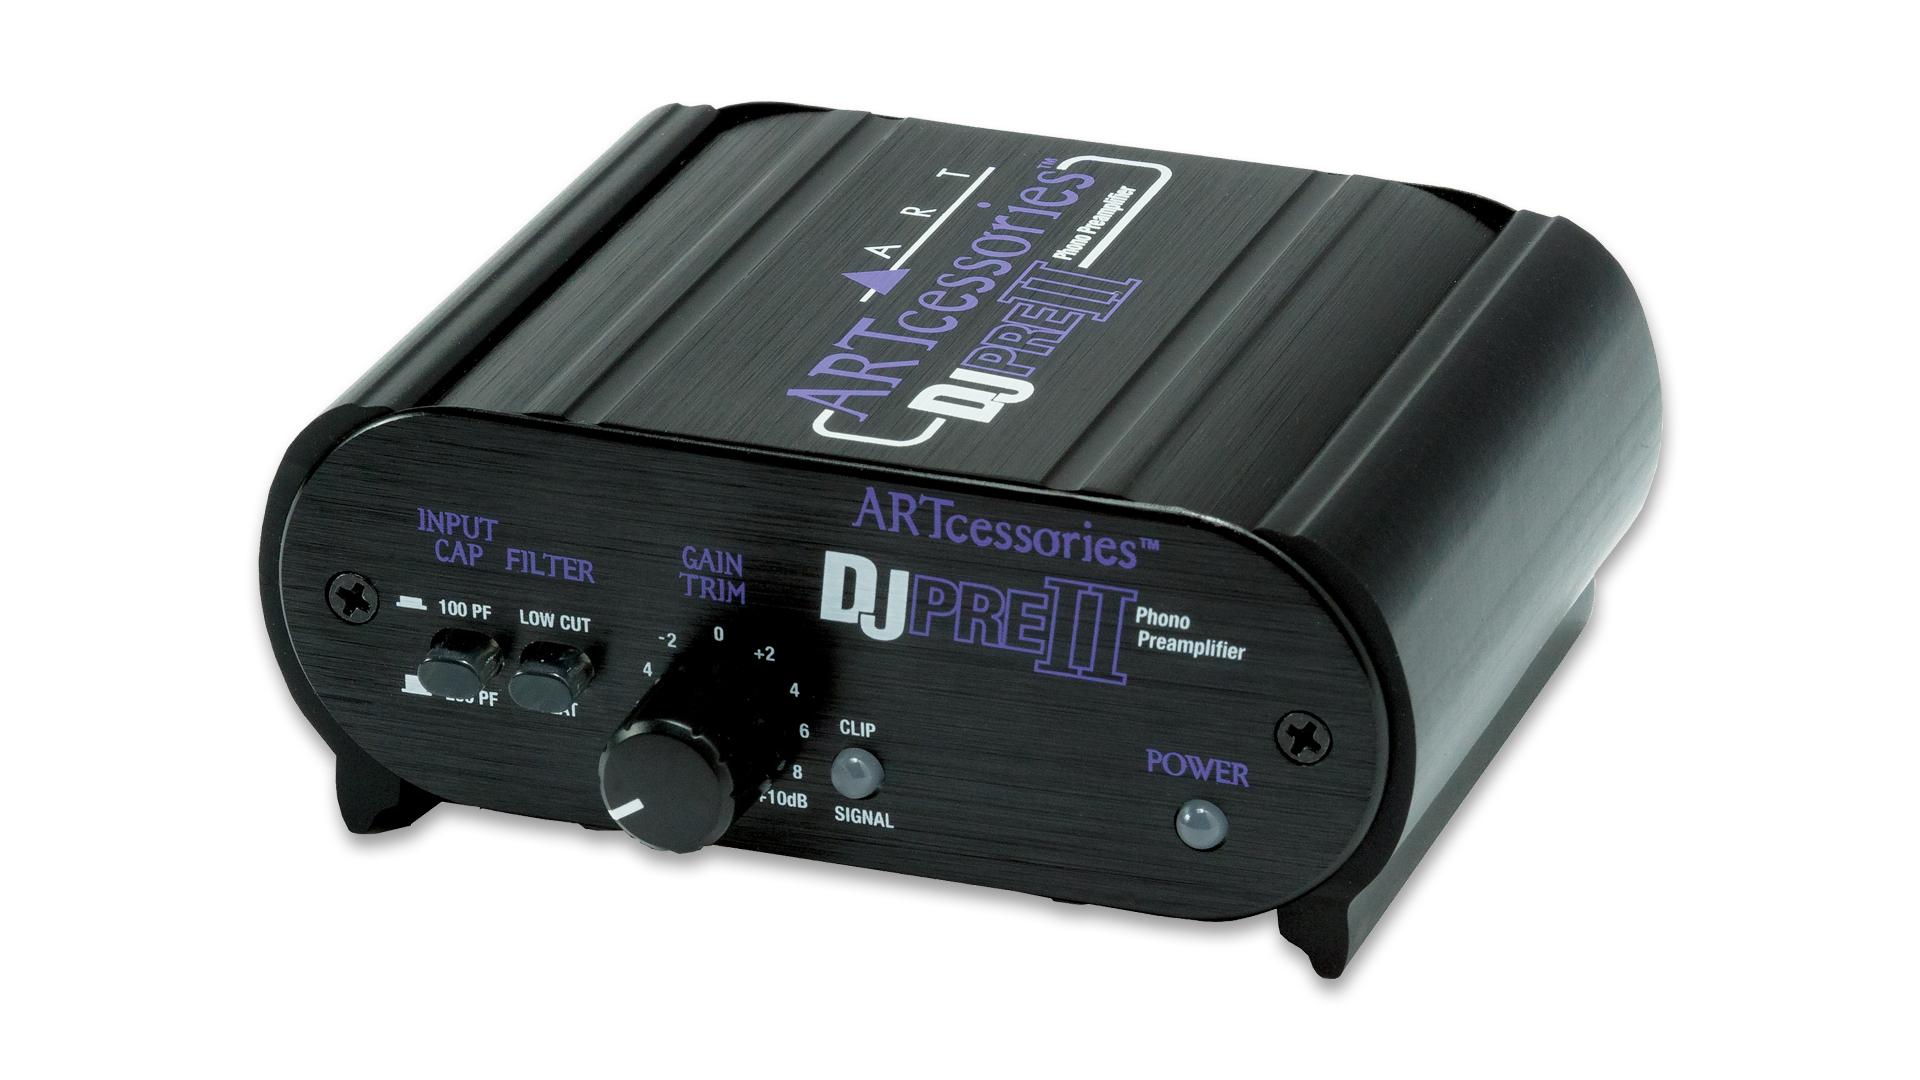 ART Pro Audio DJ PRE II Phono Preamplifier